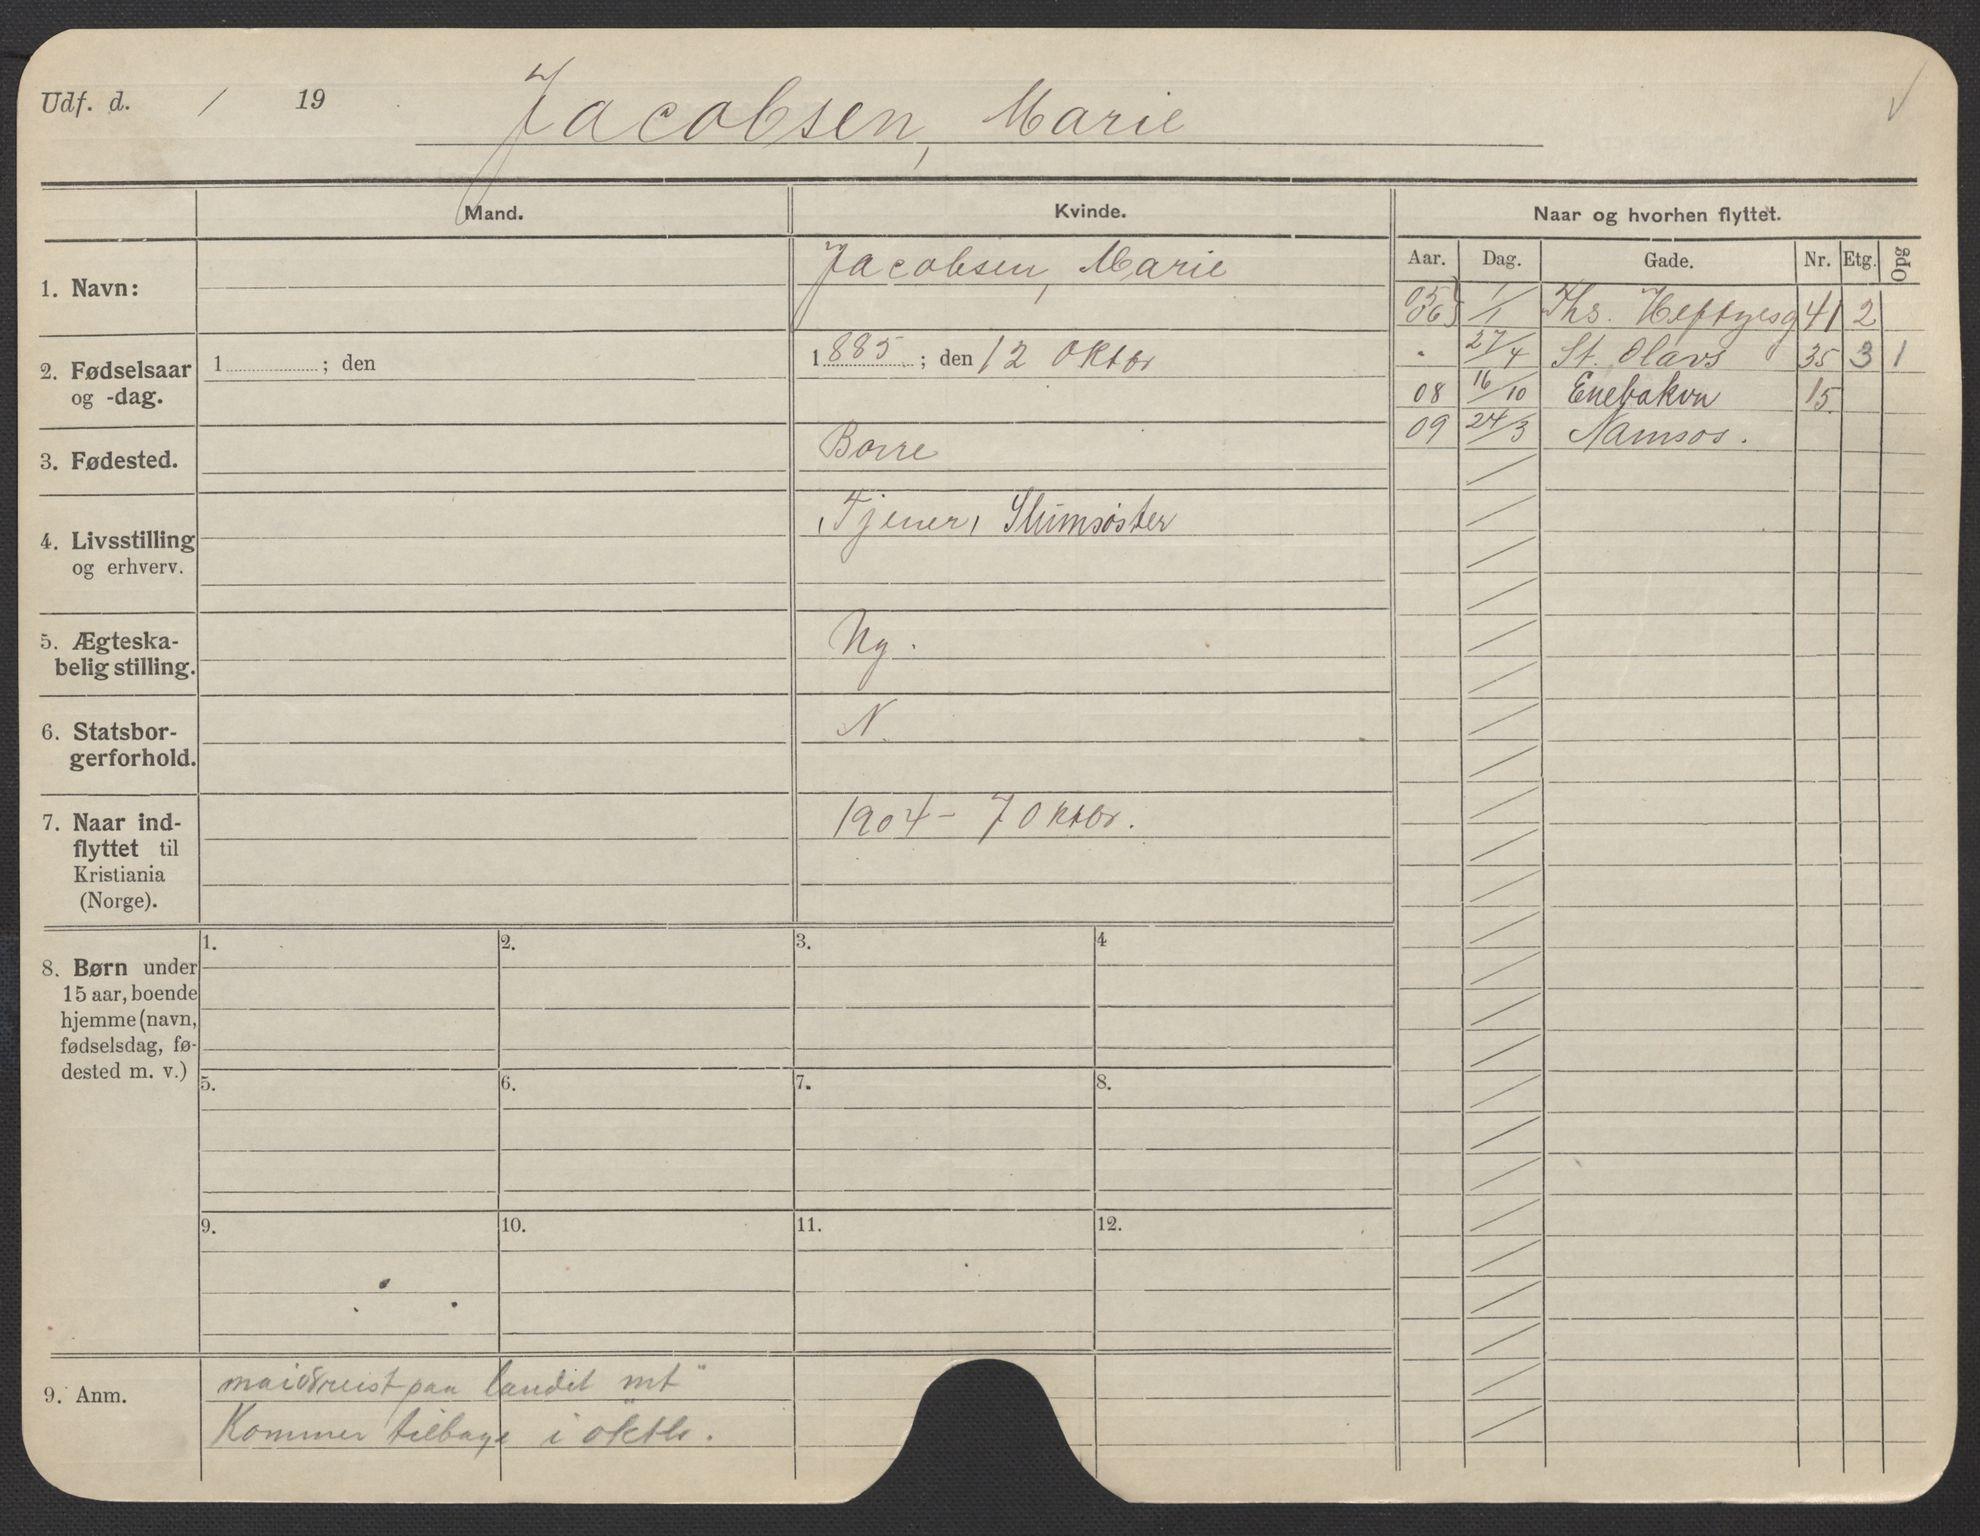 SAO, Oslo folkeregister, Registerkort, F/Fa/Fac/L0017: Kvinner, 1906-1914, s. 251a